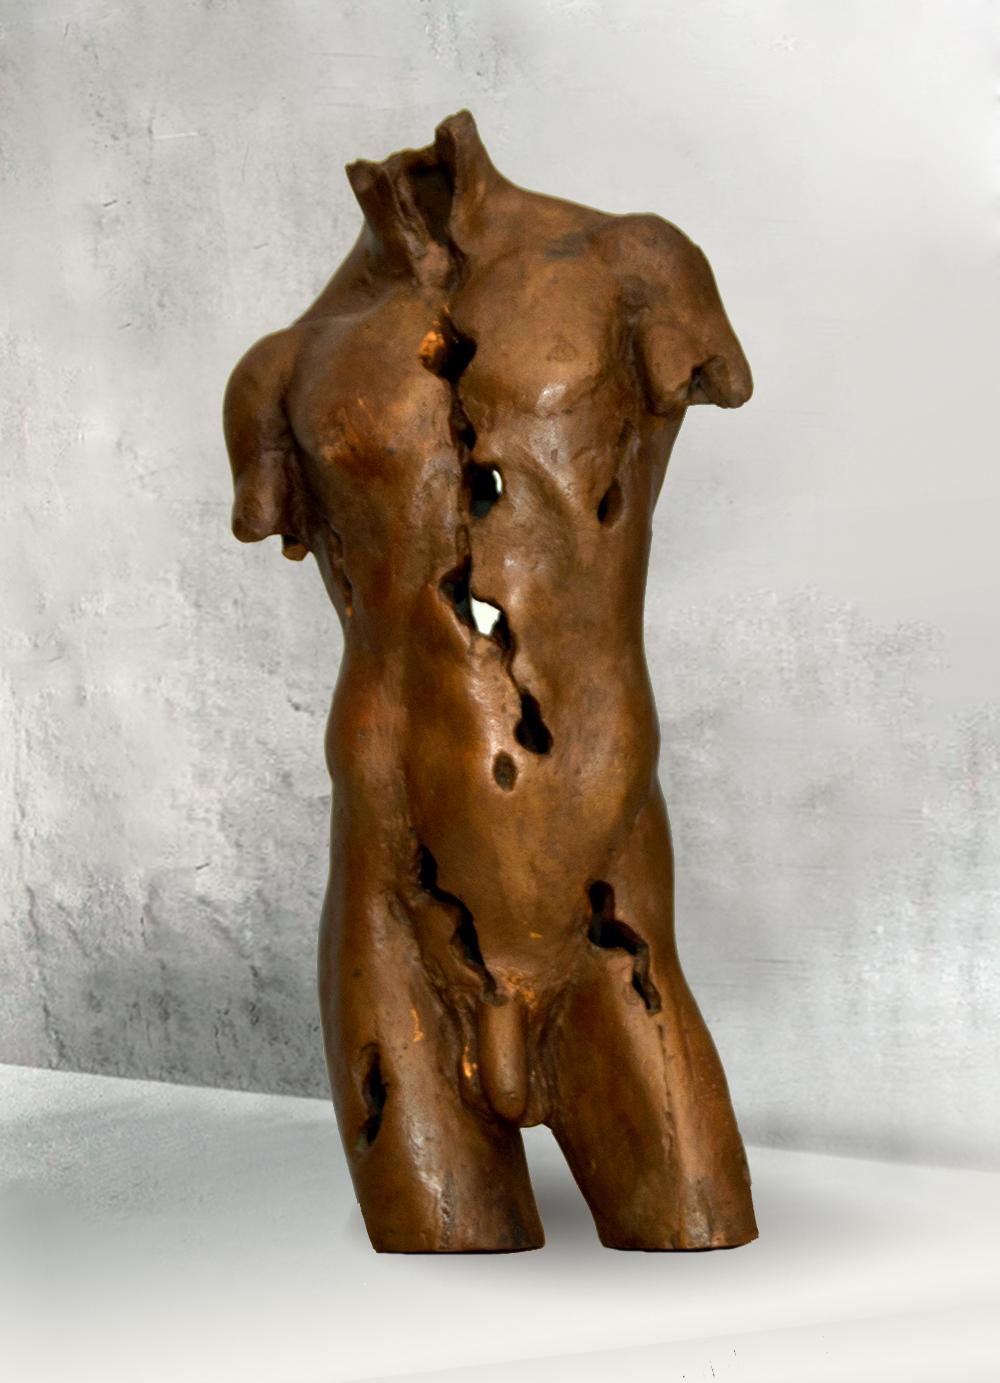 Escultura-Torso-Masculino-Bronce-A-C.Danone-RD.Escultor